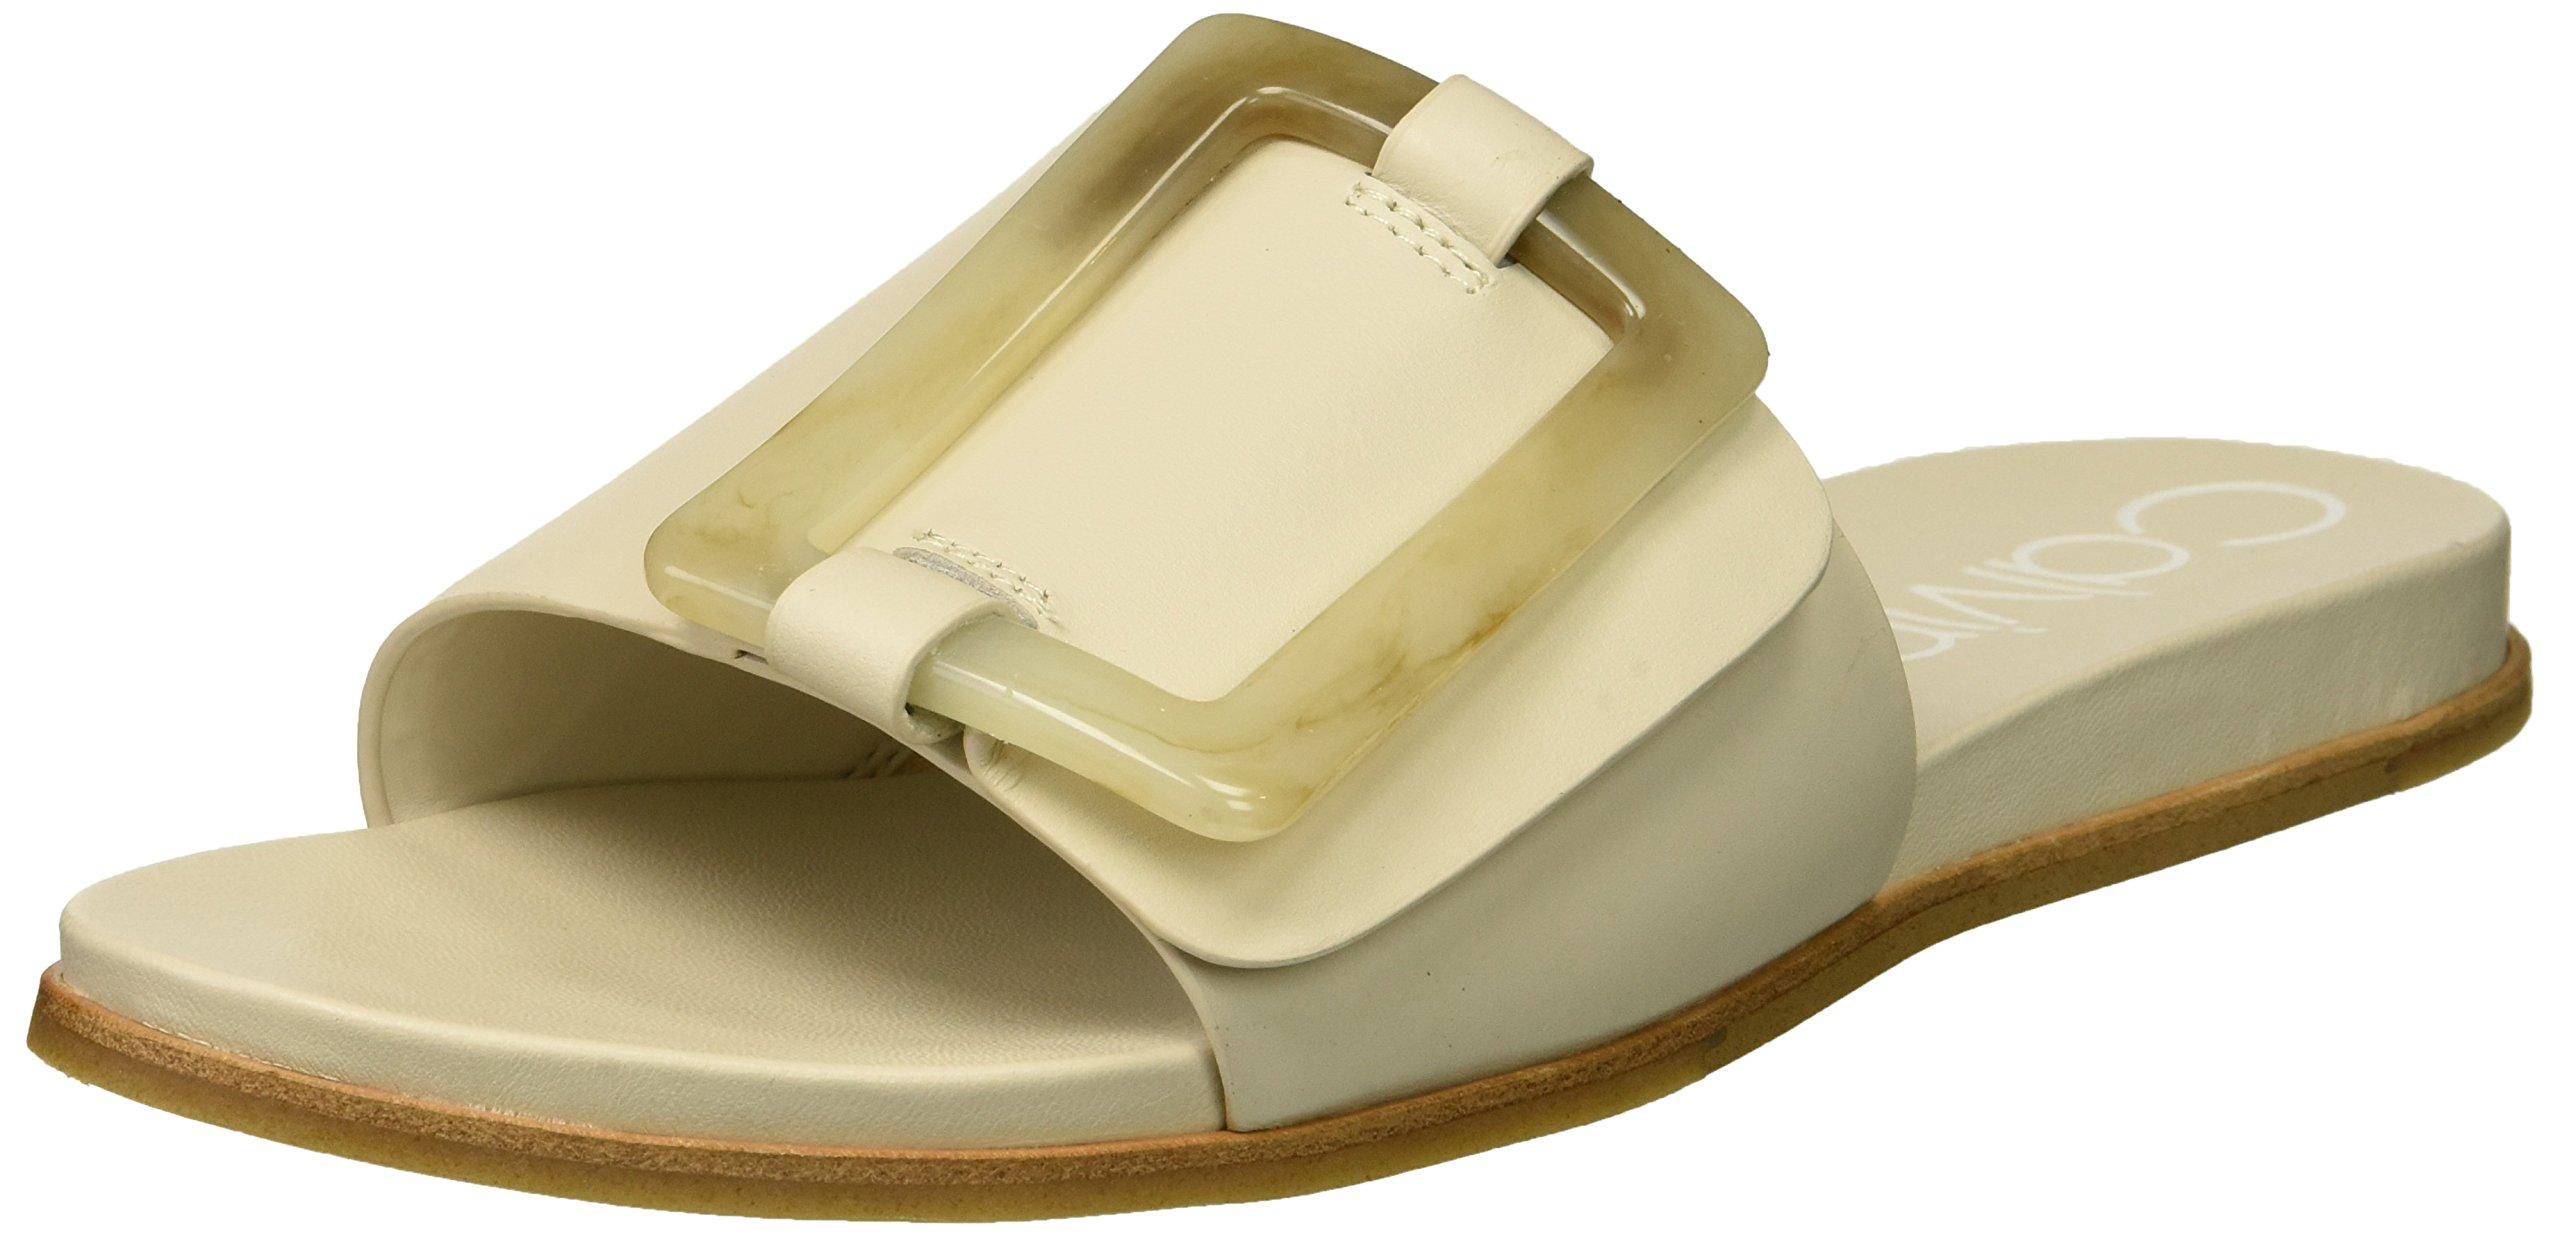 Calvin Klein Women's Patreece Slide Sandal, Soft White, 7.5 Medium US